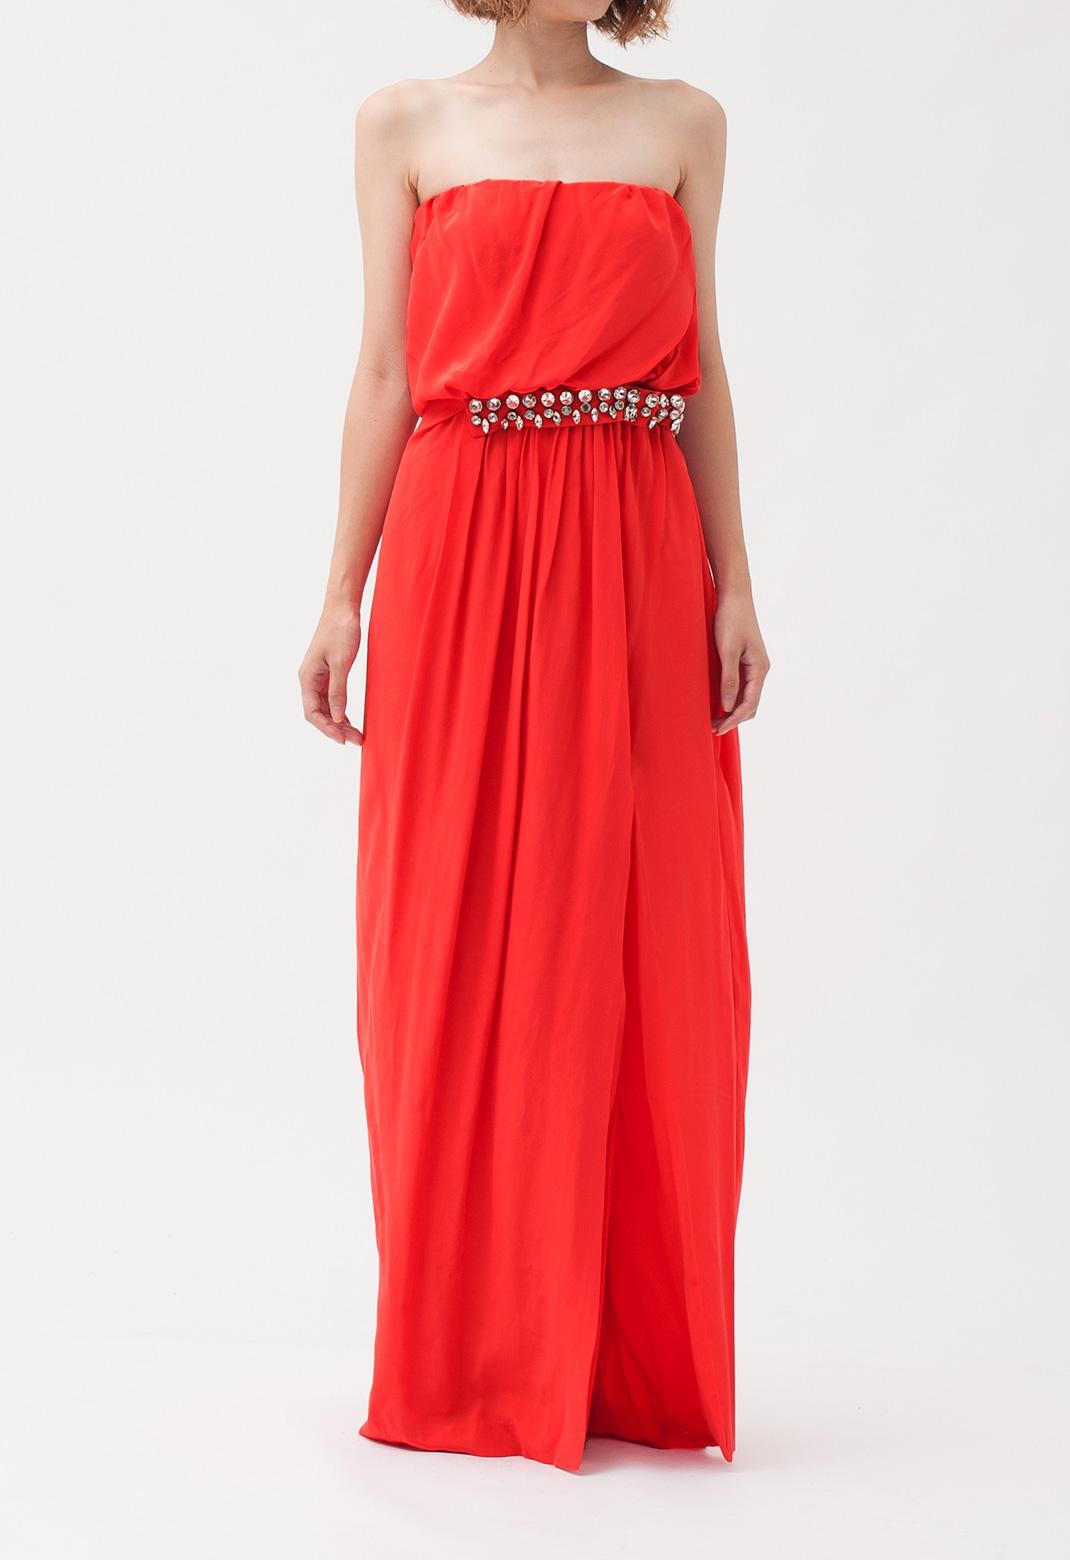 ウエストビジュー飾り ストラップレス ロング ドレス